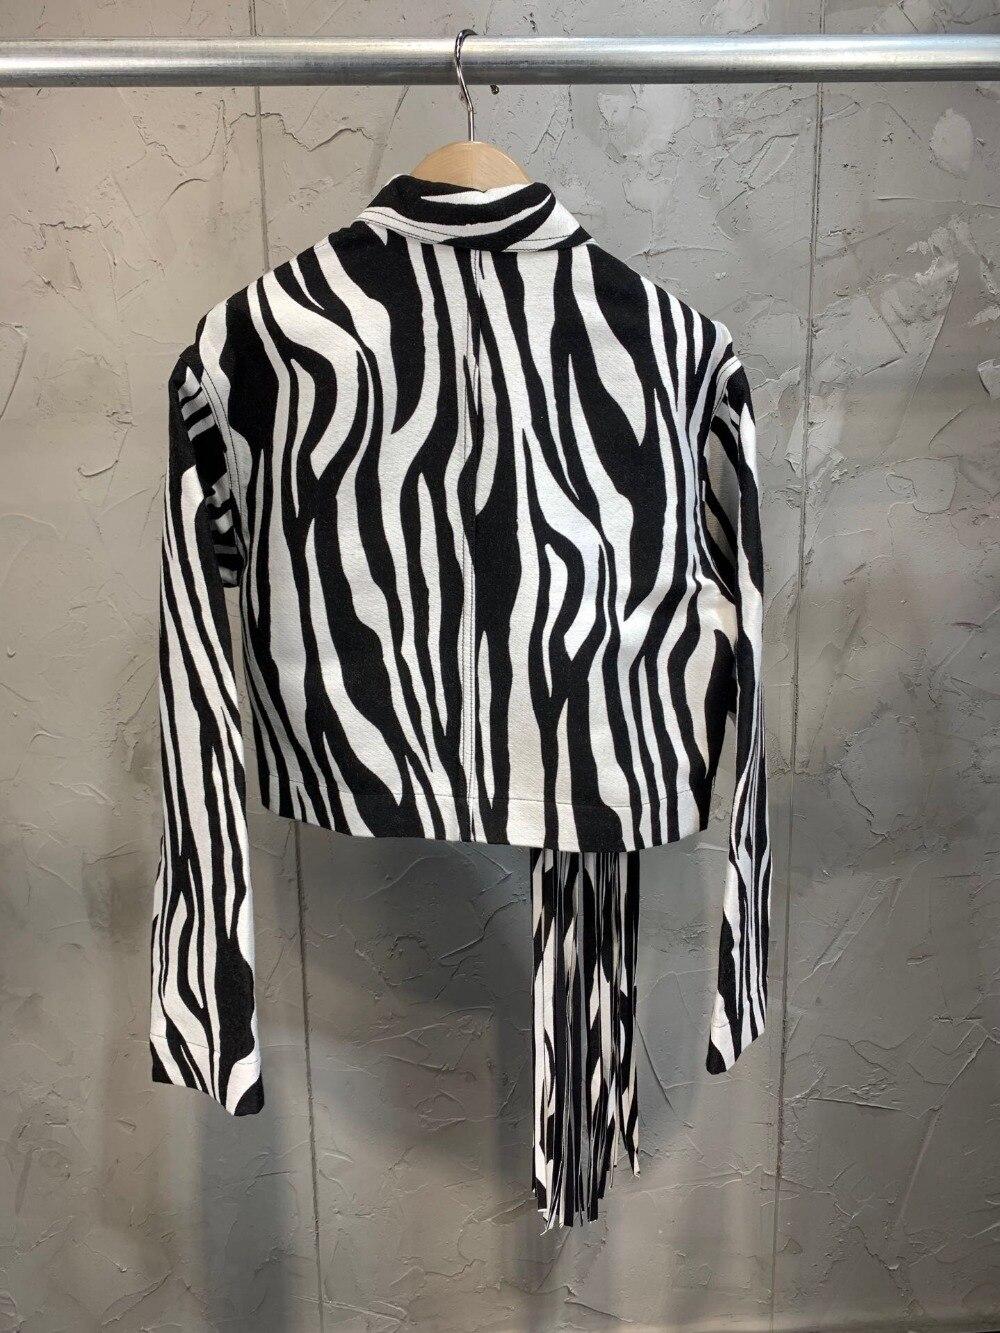 Ddxgz3 Manteau Femmes Mode 2019 Courte Veste wzqXHPC